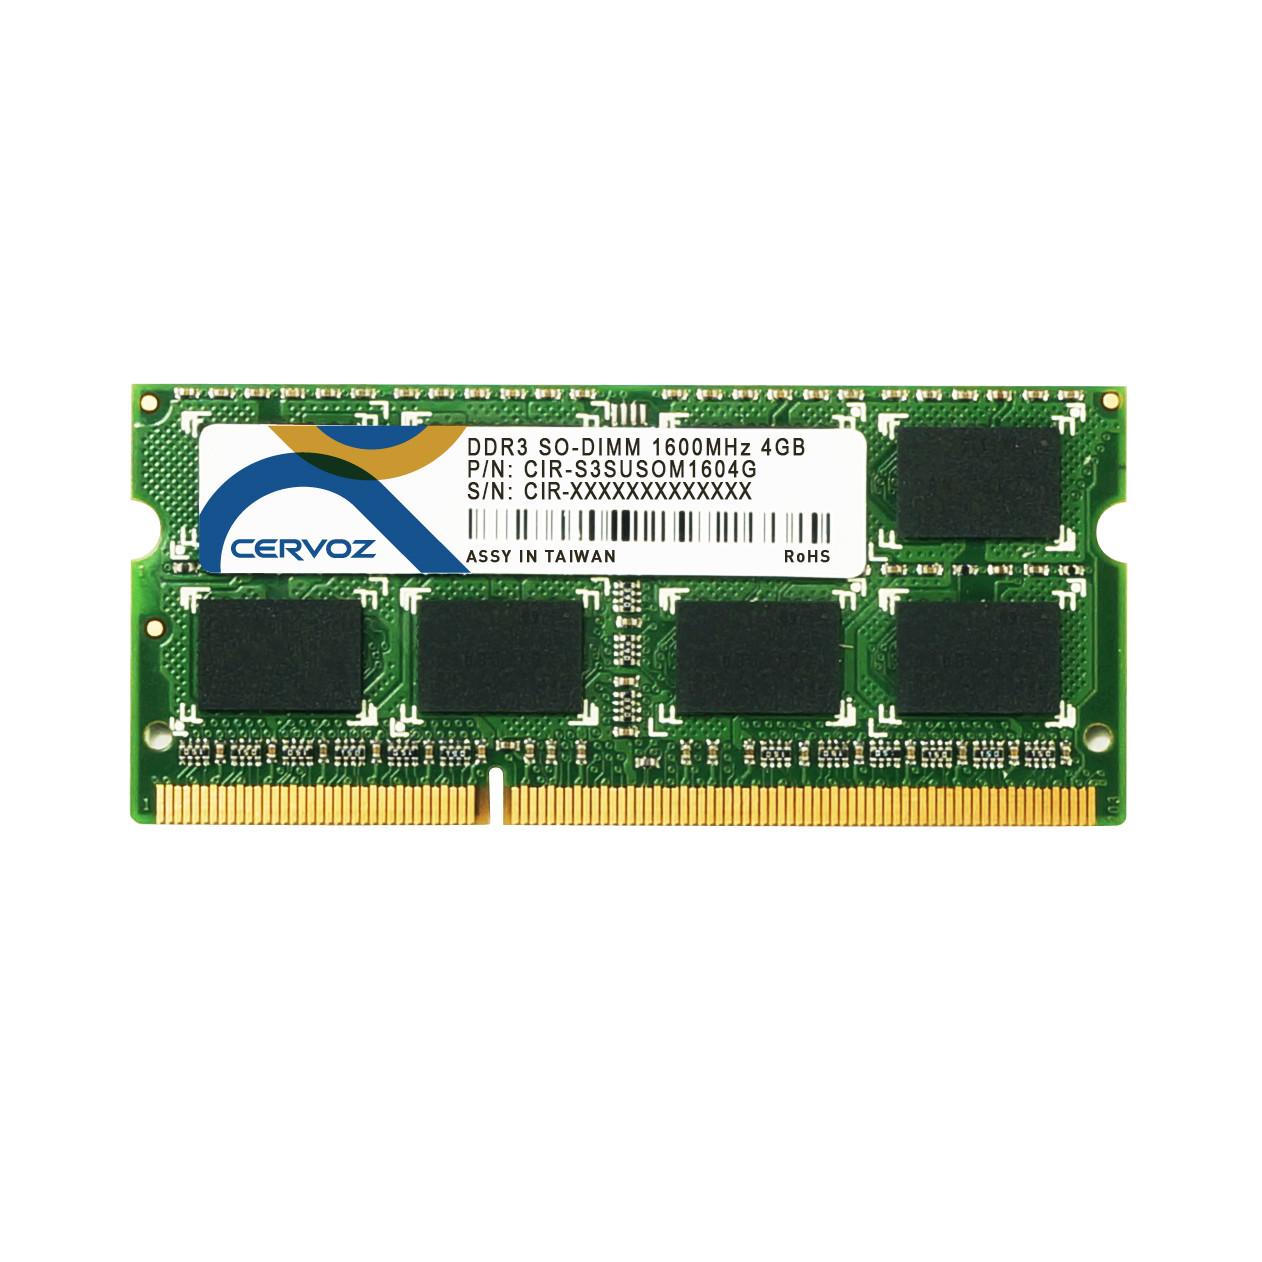 4GB Industrial DDR3 SO-DIMM 1600MHz